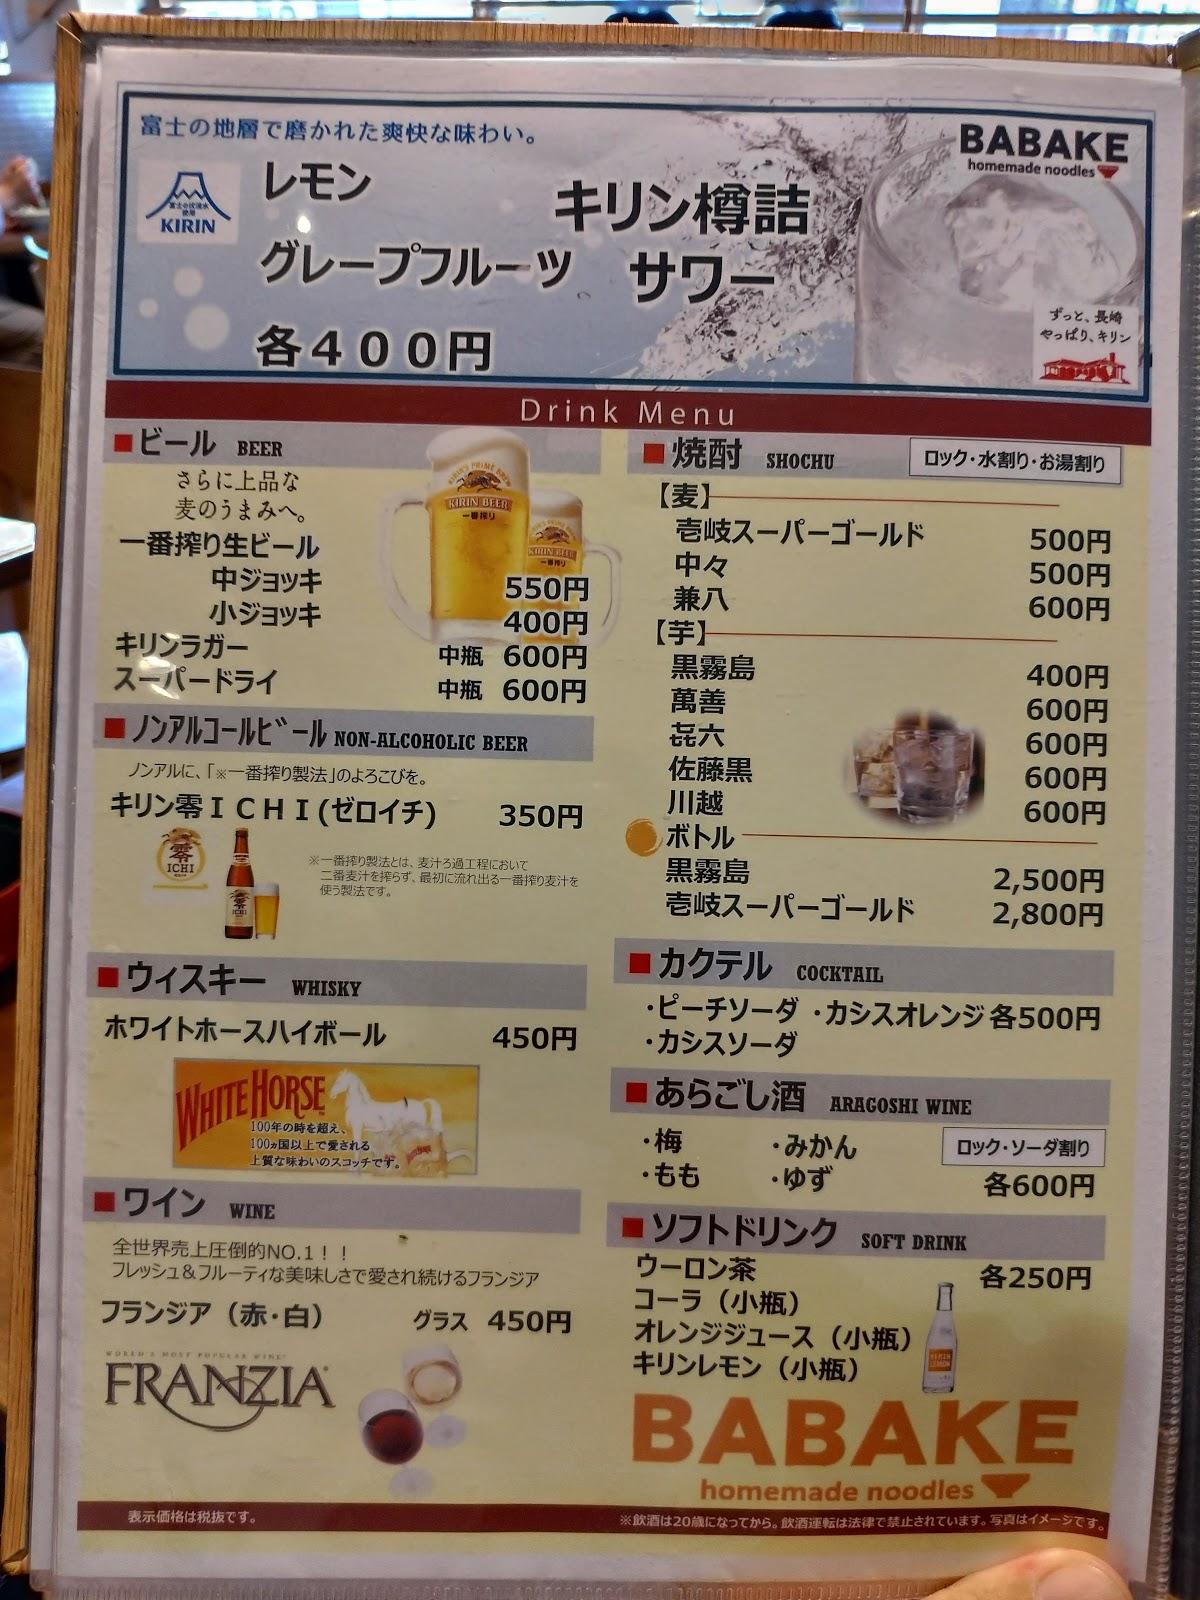 ドリンクメニュー【長崎グルメ】BABAKE興善町店で麻辣担担麺を堪能!